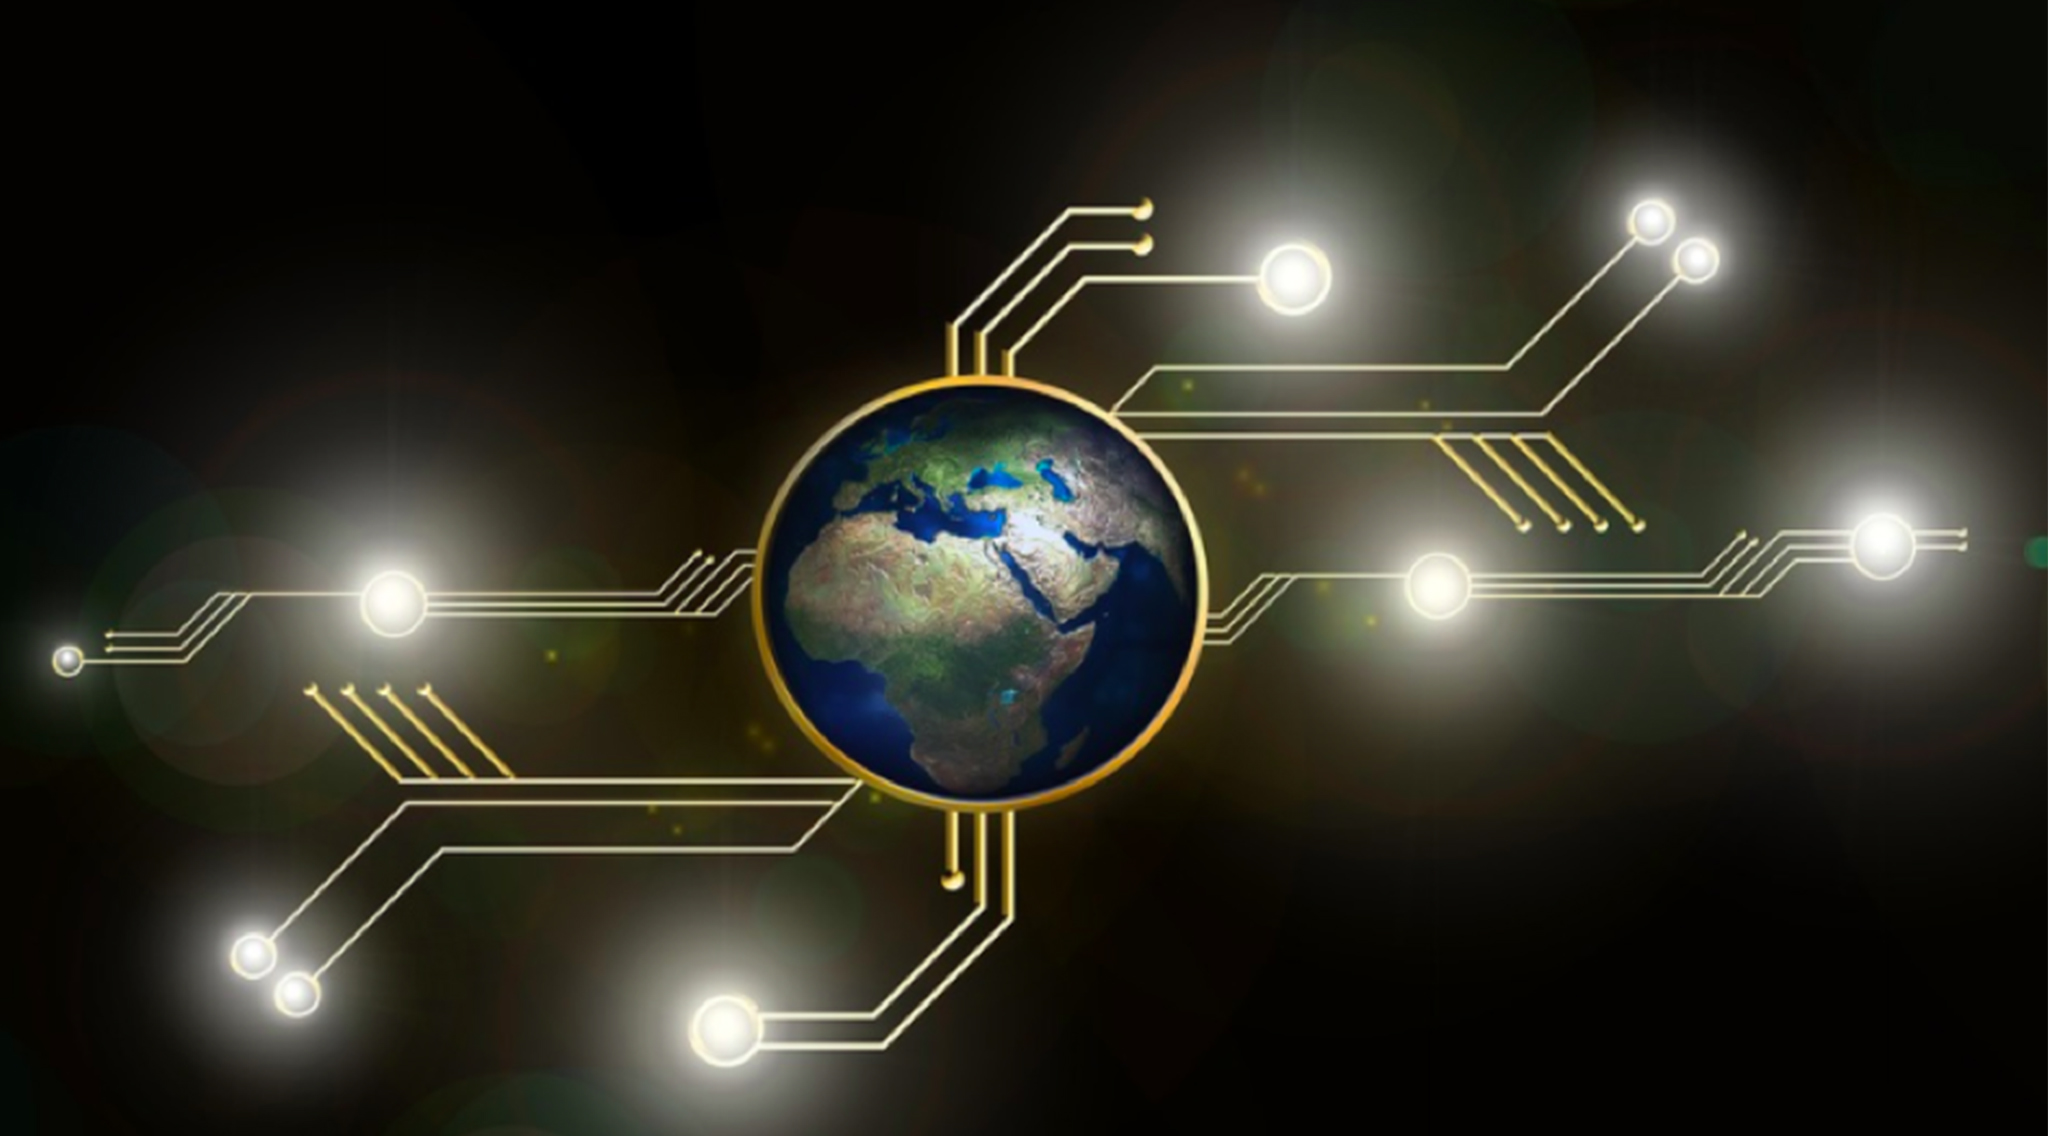 kryptowährung: der leitfaden für anfänger zum investieren und handeln in kryptowährung geld verdienen indem sie von zu hause aus im internet arbeiten